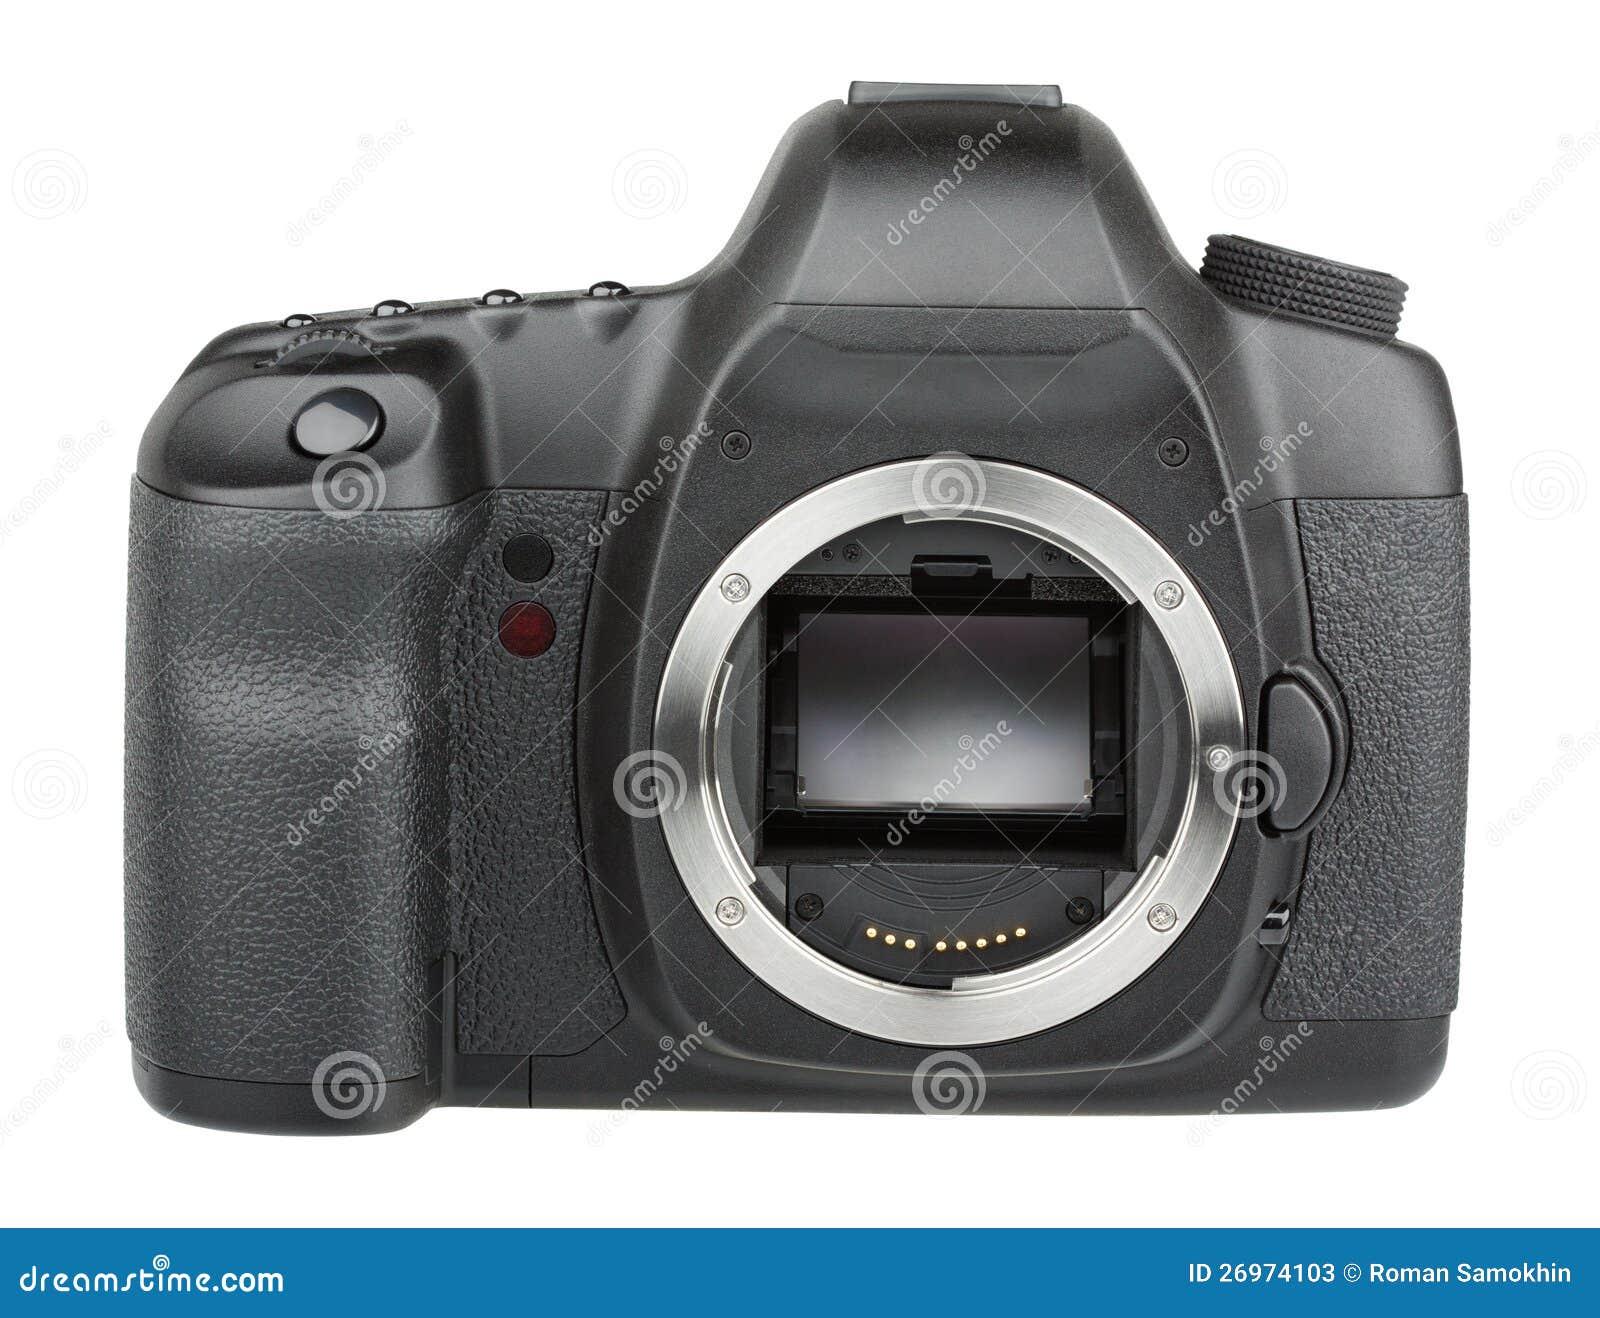 Camera Dslr Camera Without Lens modern digital slr camera without lens stock photos image 26974103 lens